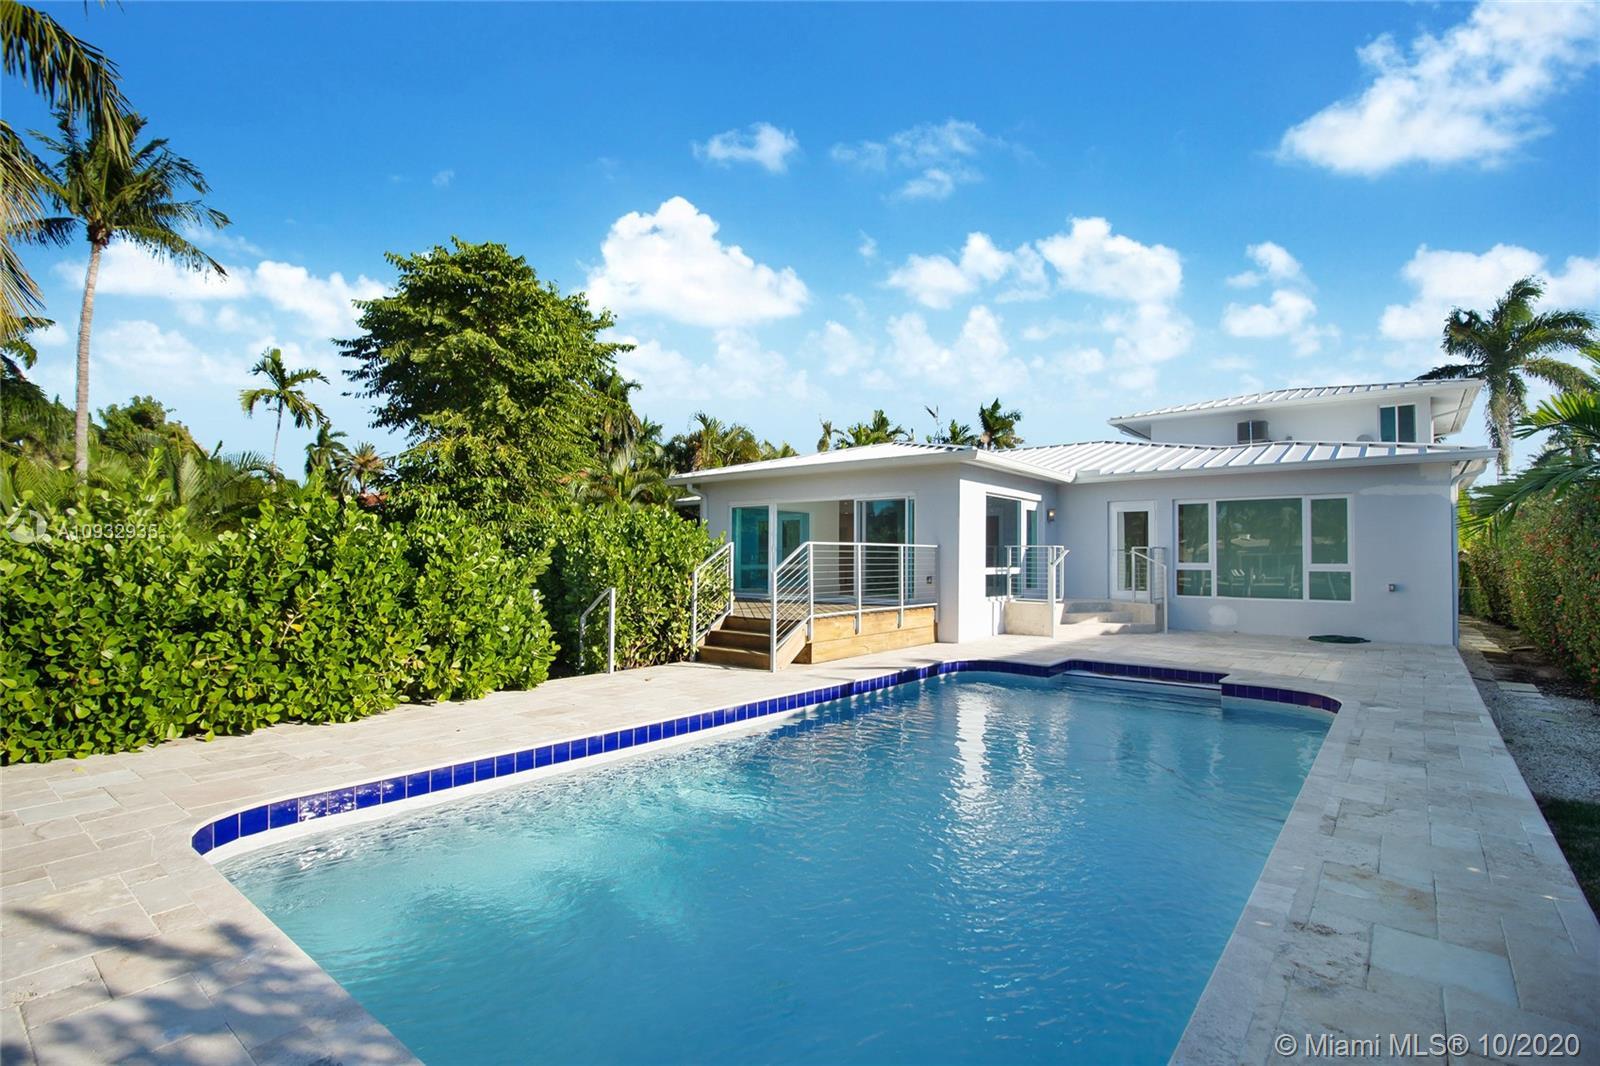 1100 Belle meade island dr- miami-fl-33138-a10932935-Pic01